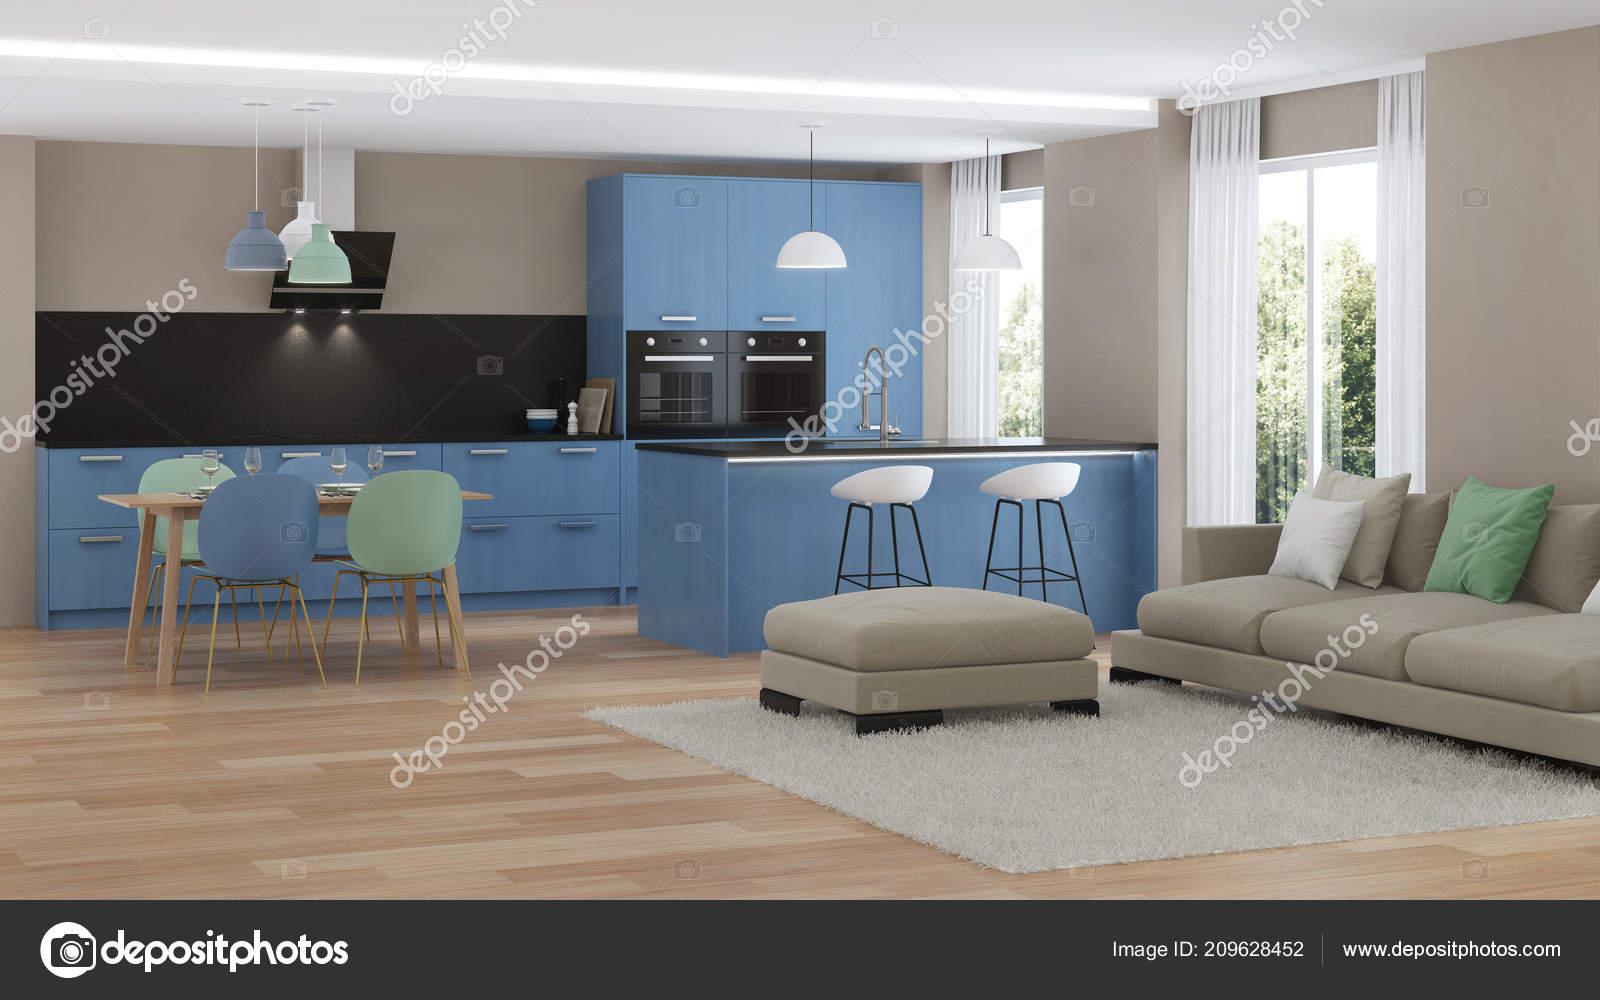 Intérieur Maison Moderne Cuisine Bleu Rendu — Photographie ...